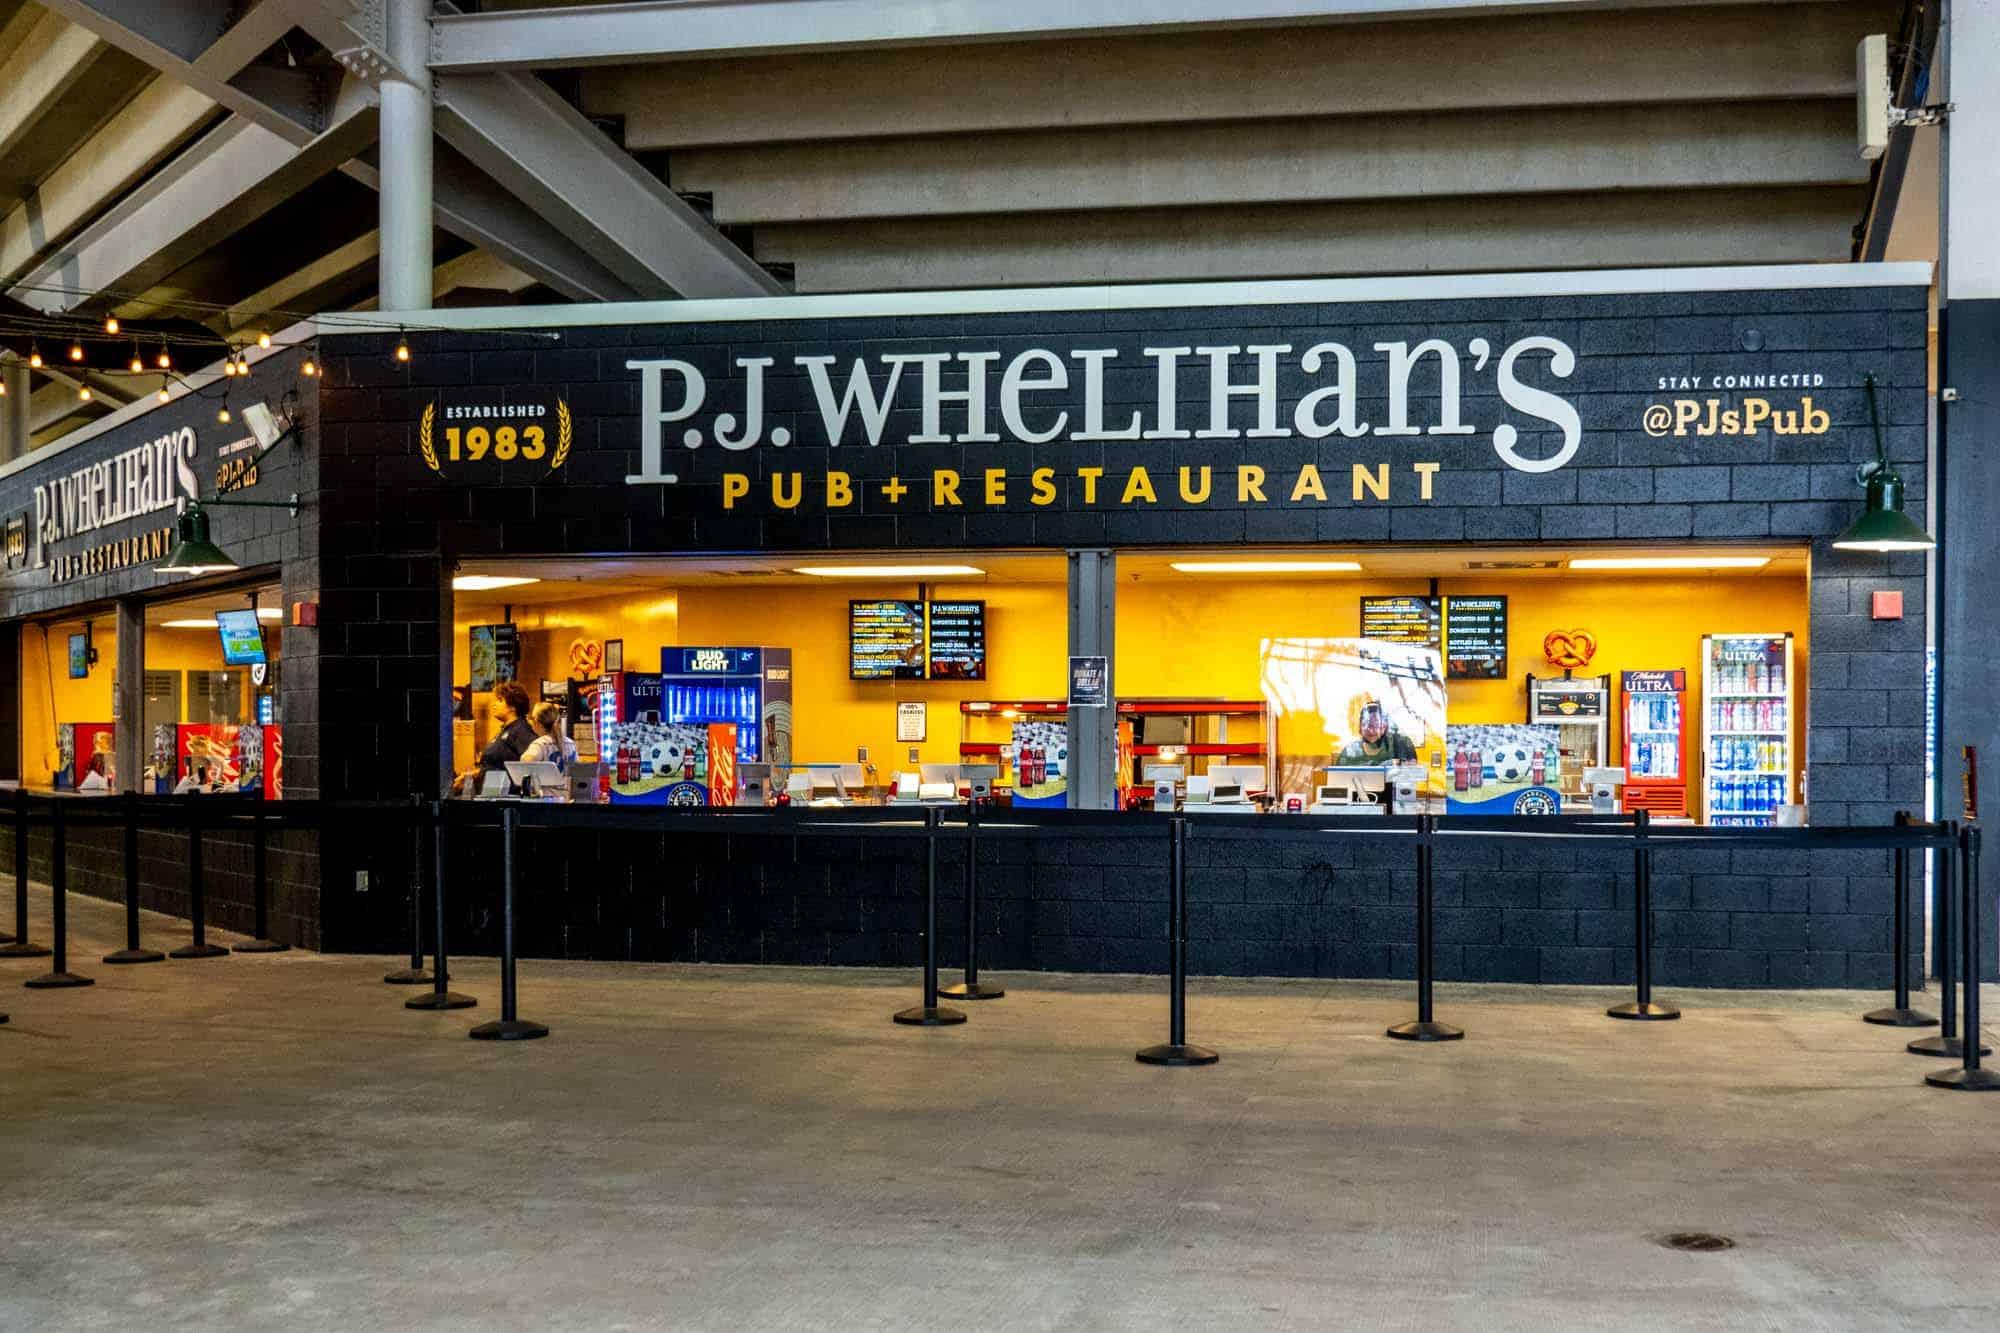 Stall for P.J. Whelihan's Pub + Restaurant